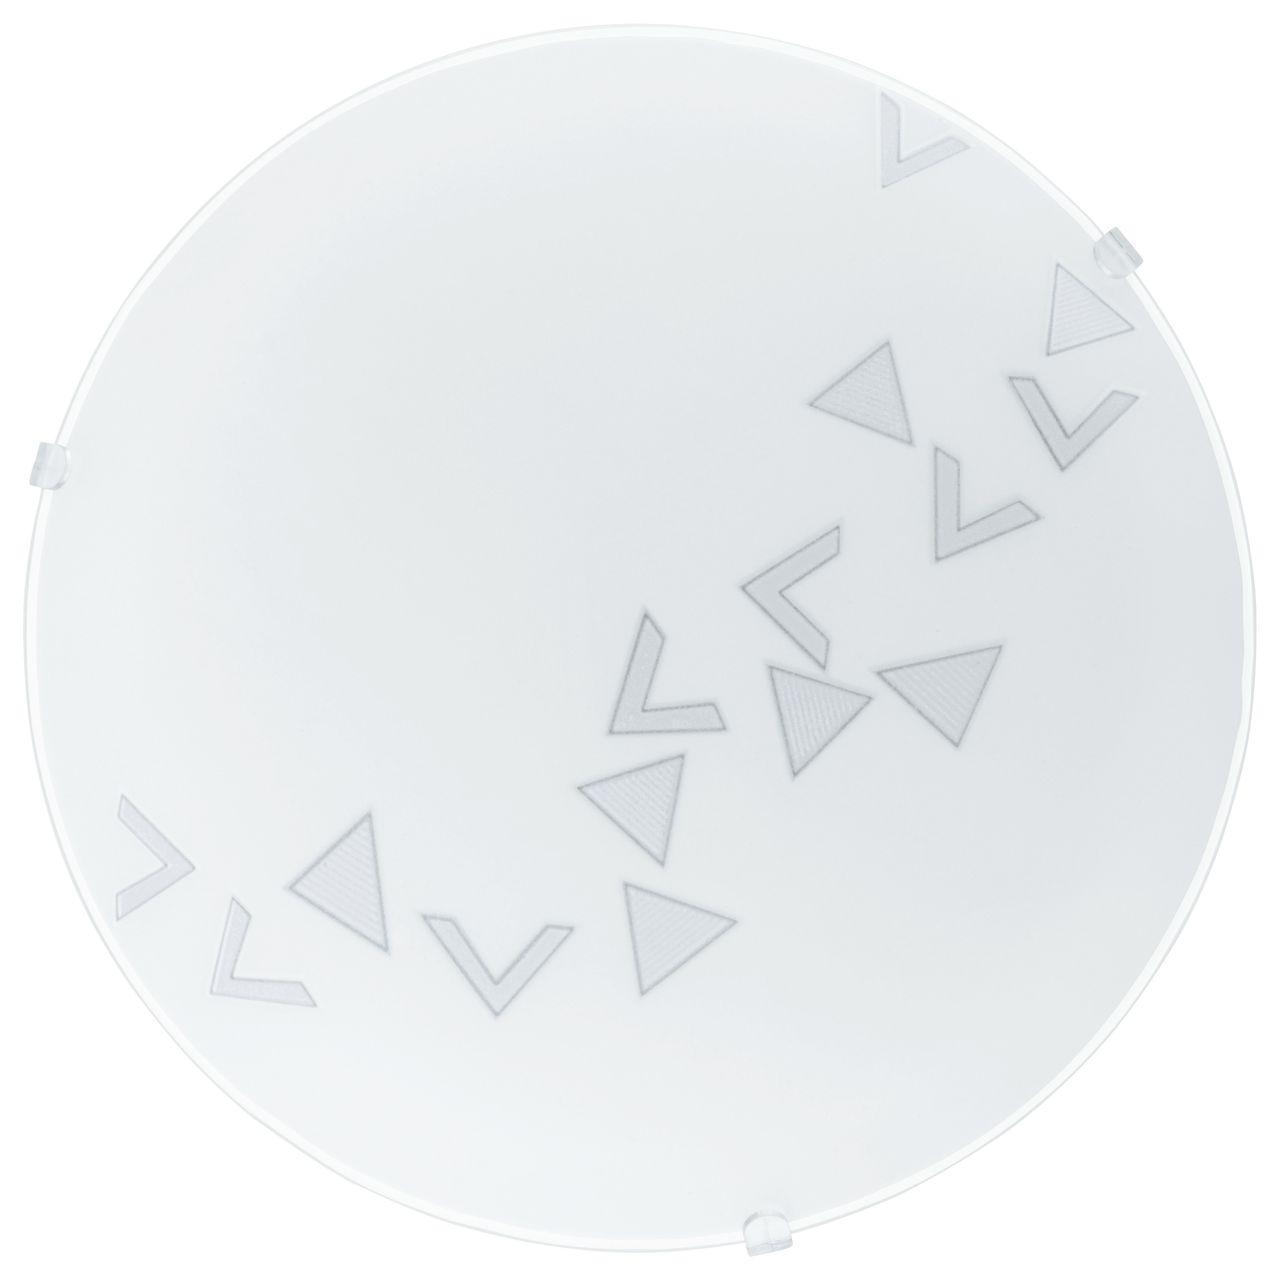 Потолочный светильник Eglo Mars 80263 накладной светильник eglo mars 80263